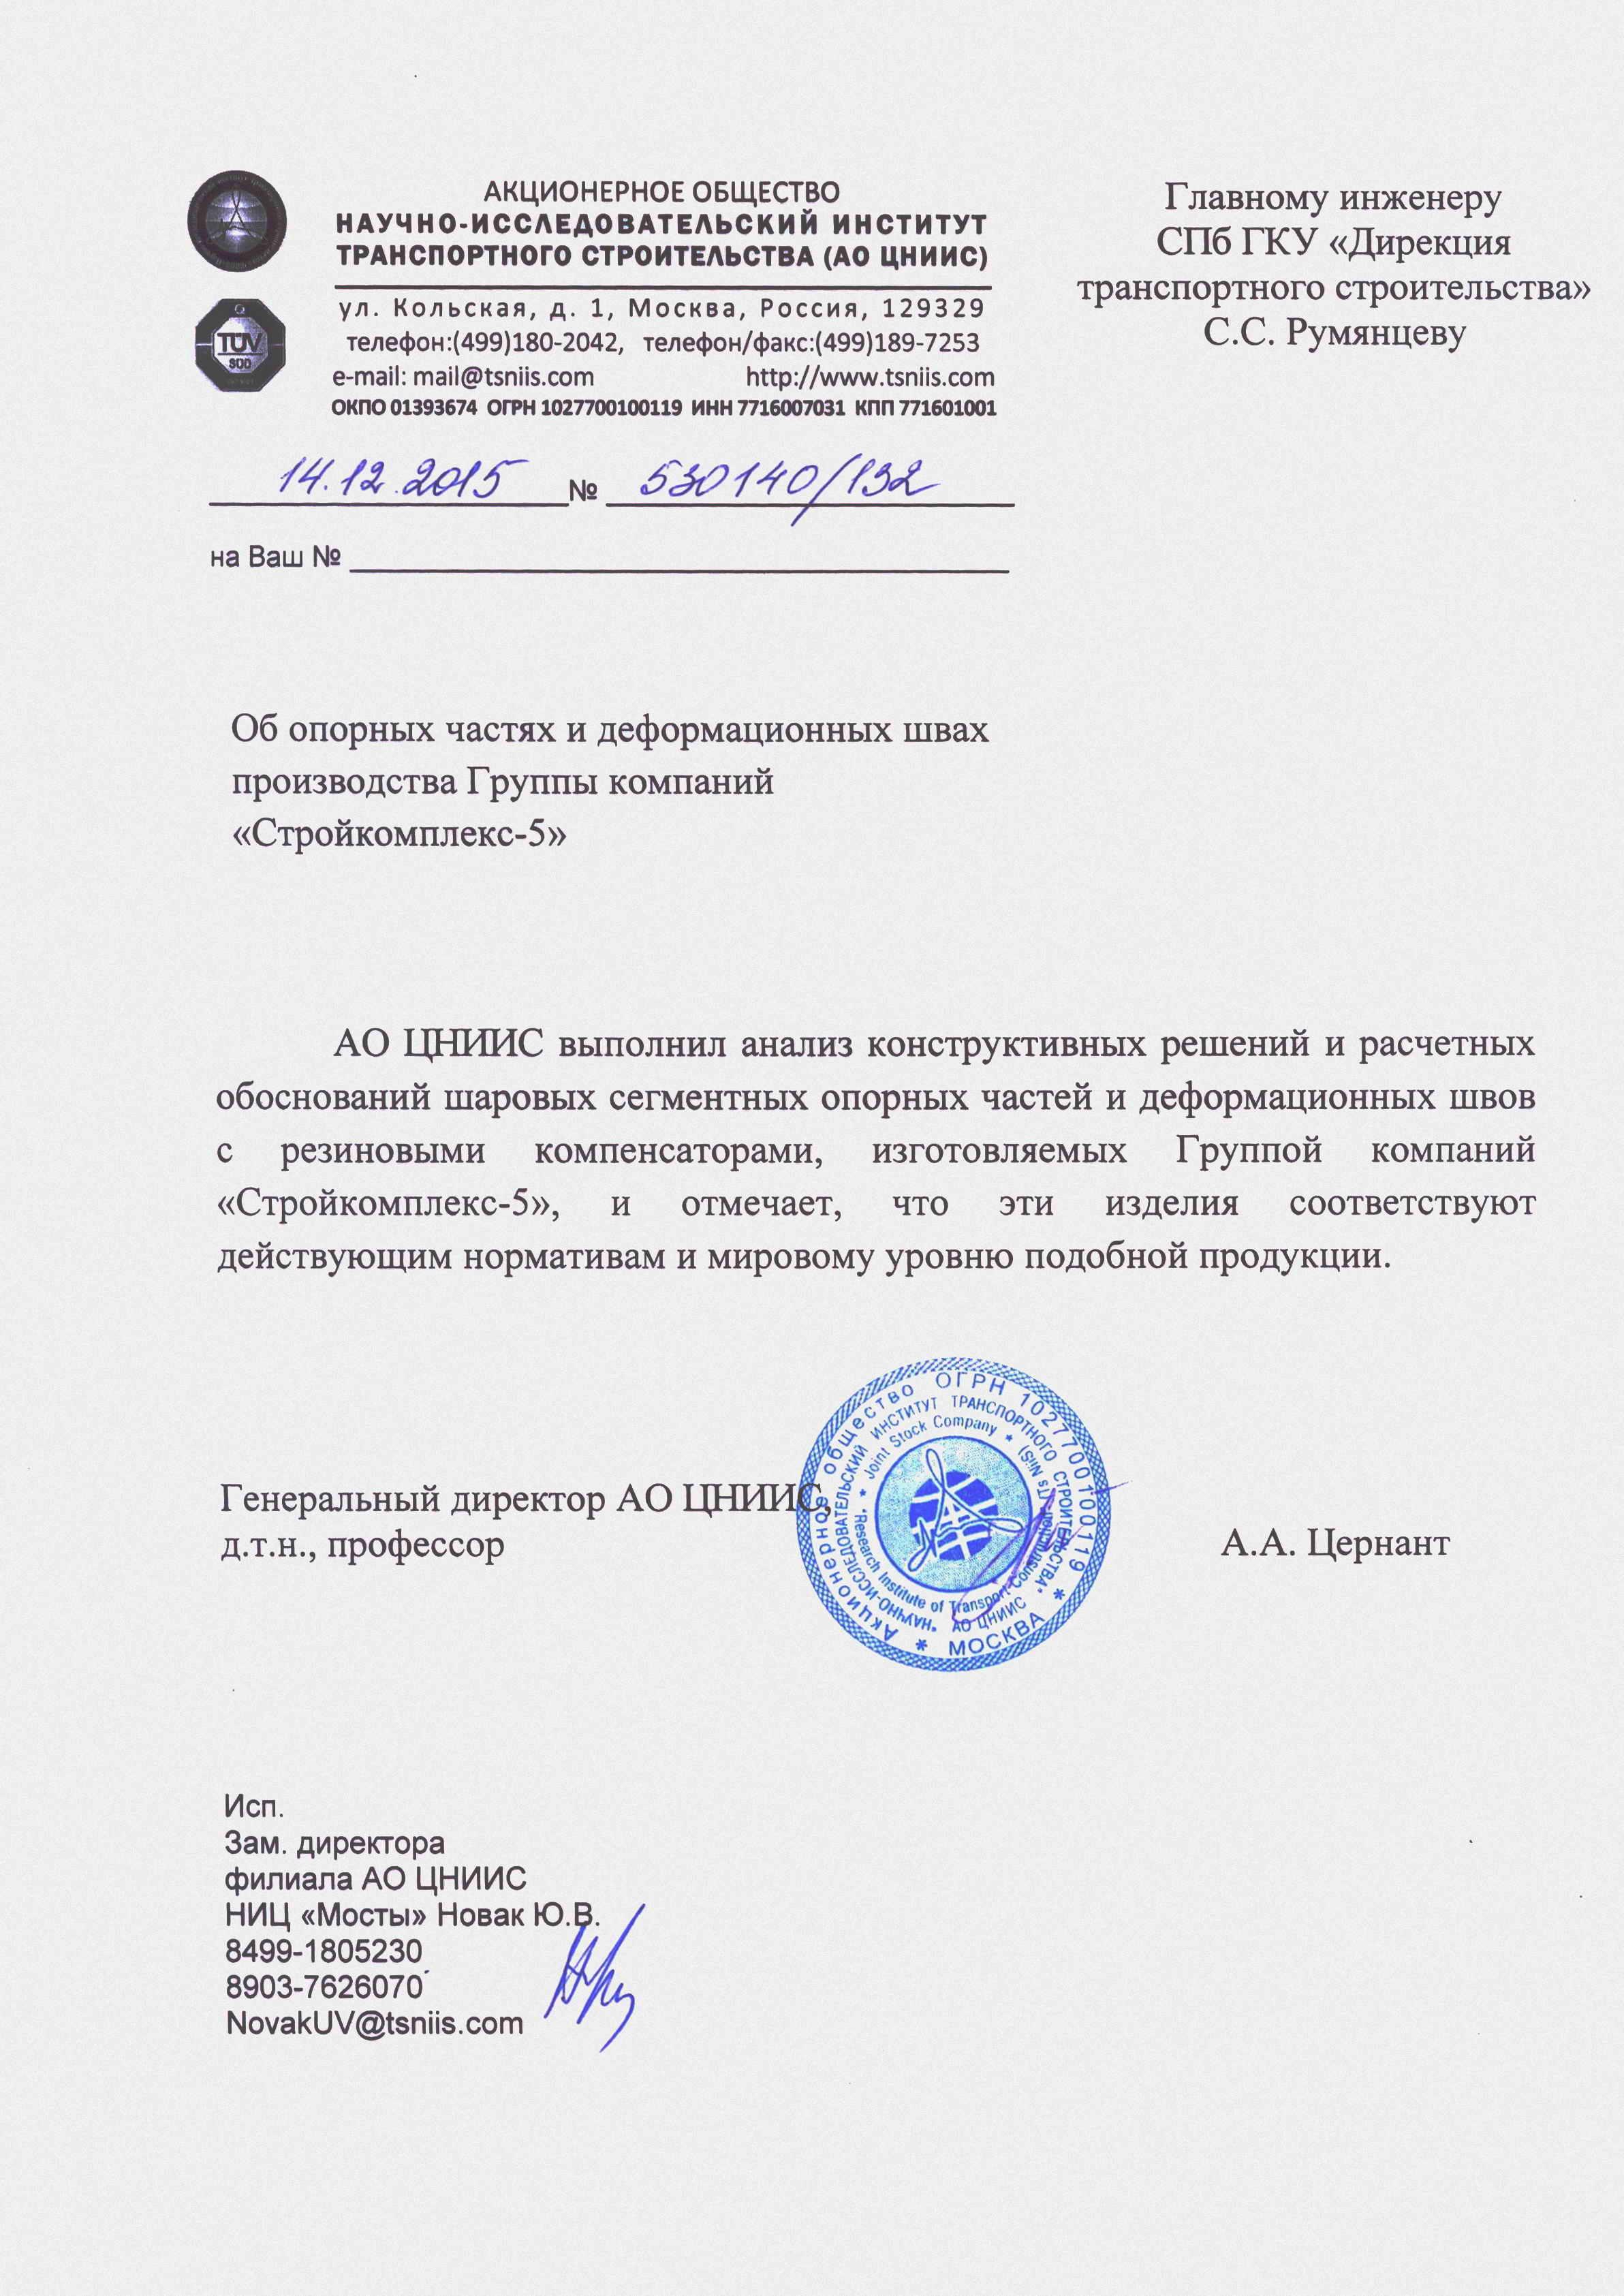 """Отзывы о продукции ГК """"Стройкомплекс-5"""""""